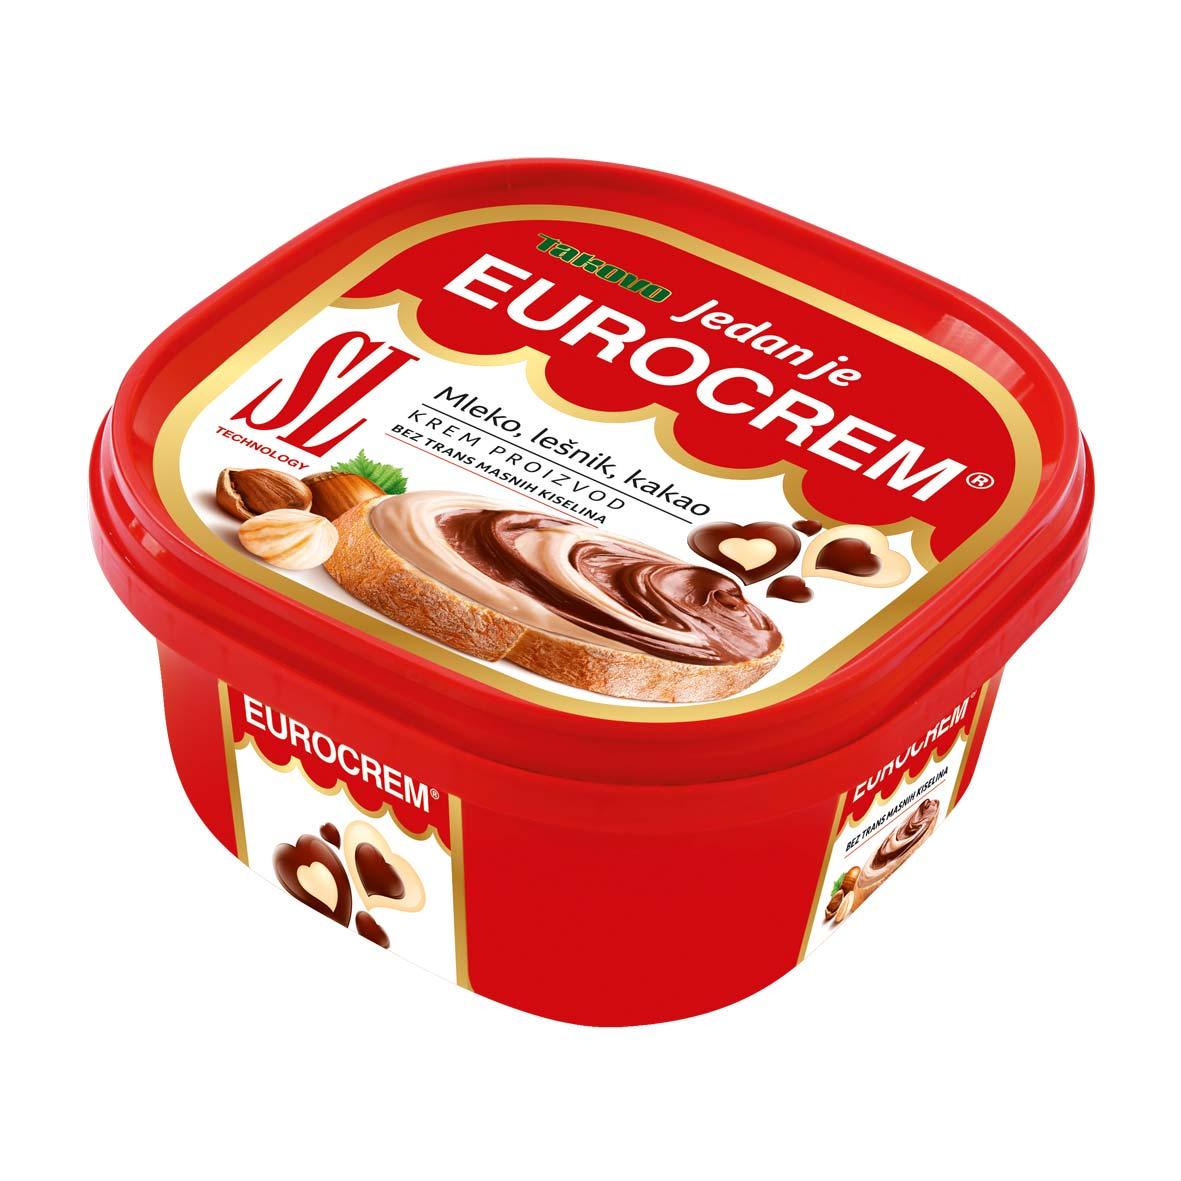 Eurocrem-300g